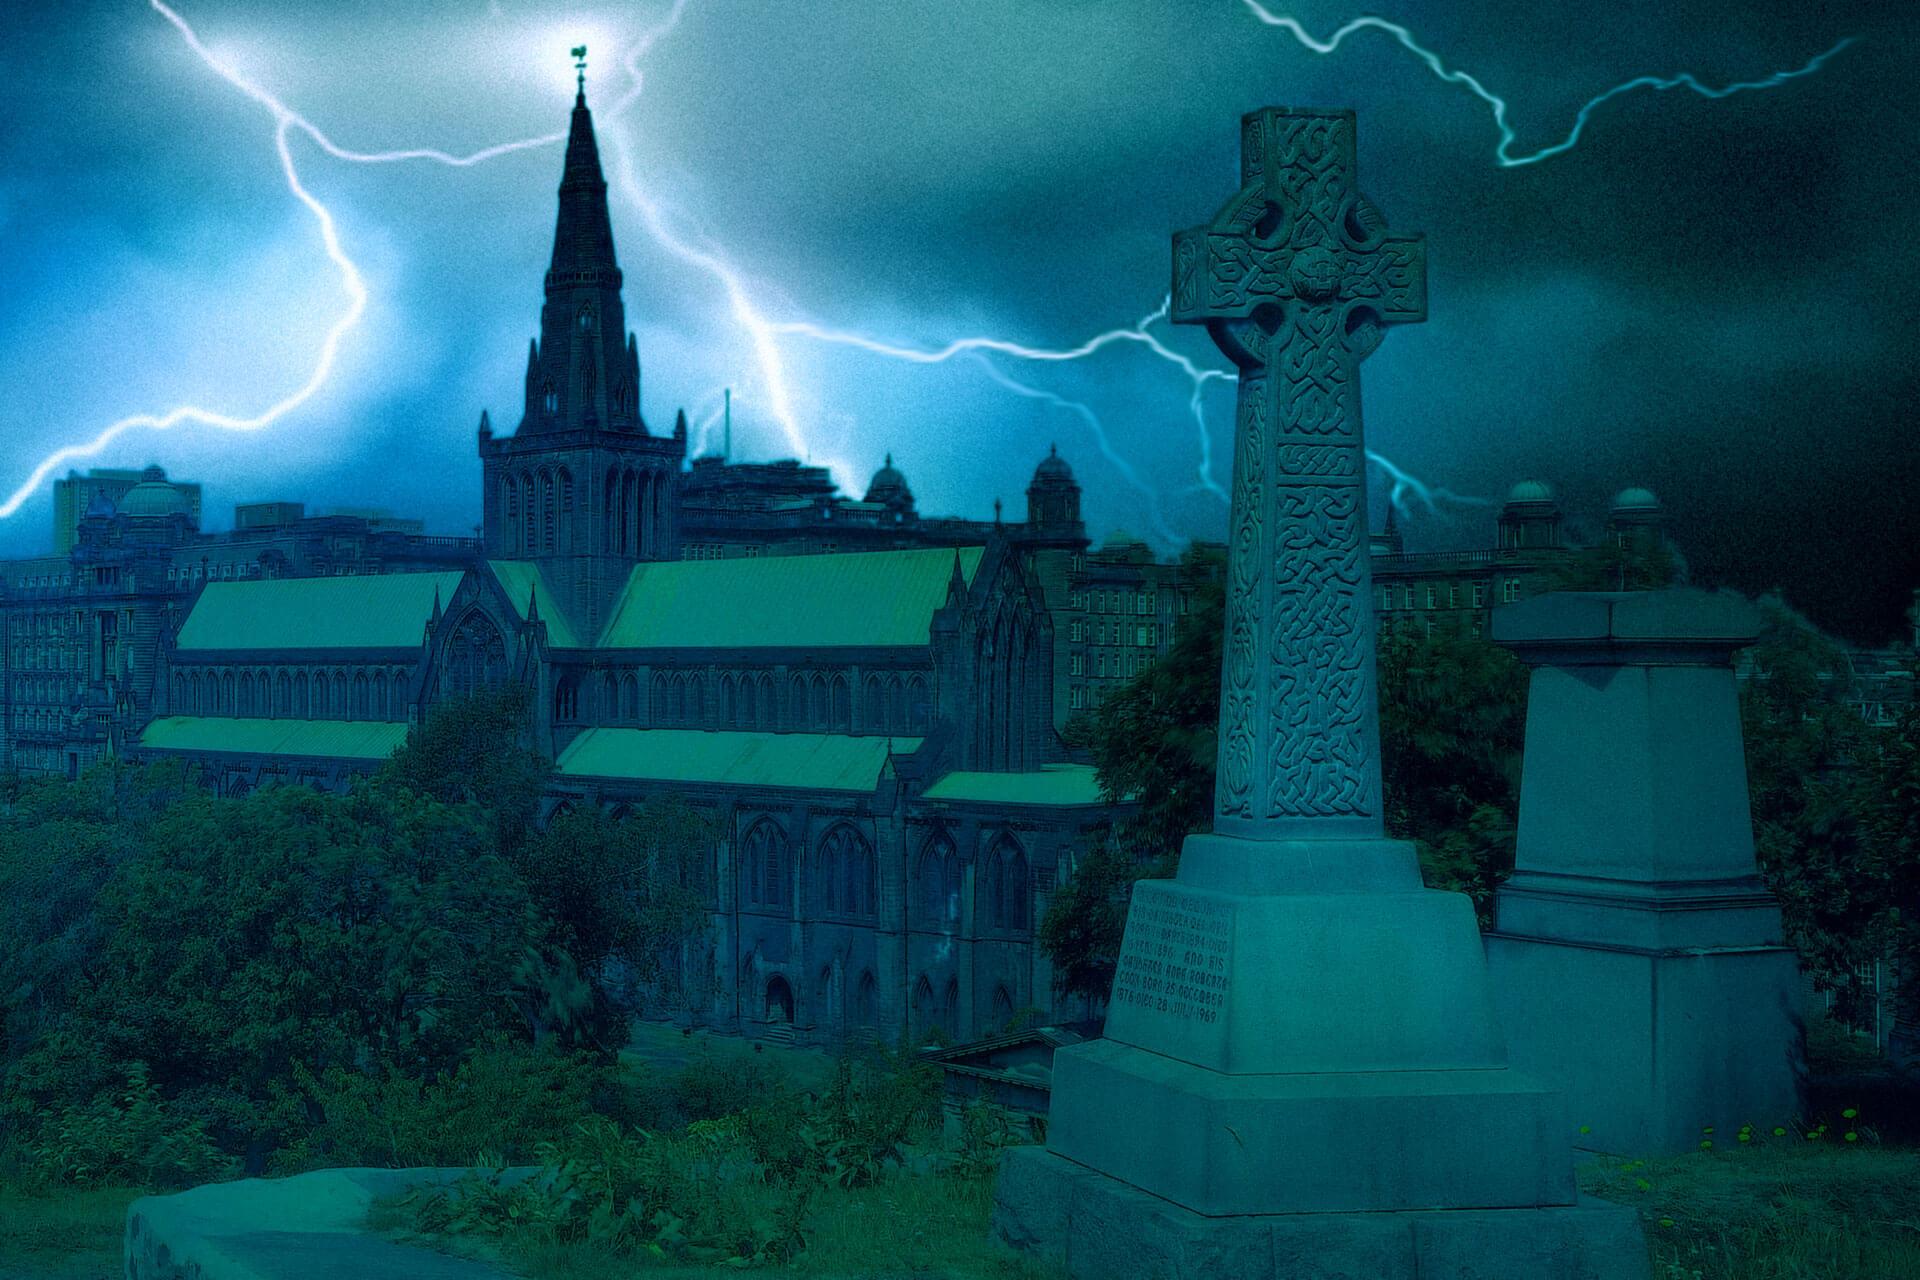 Incontri di notte a Glasgow